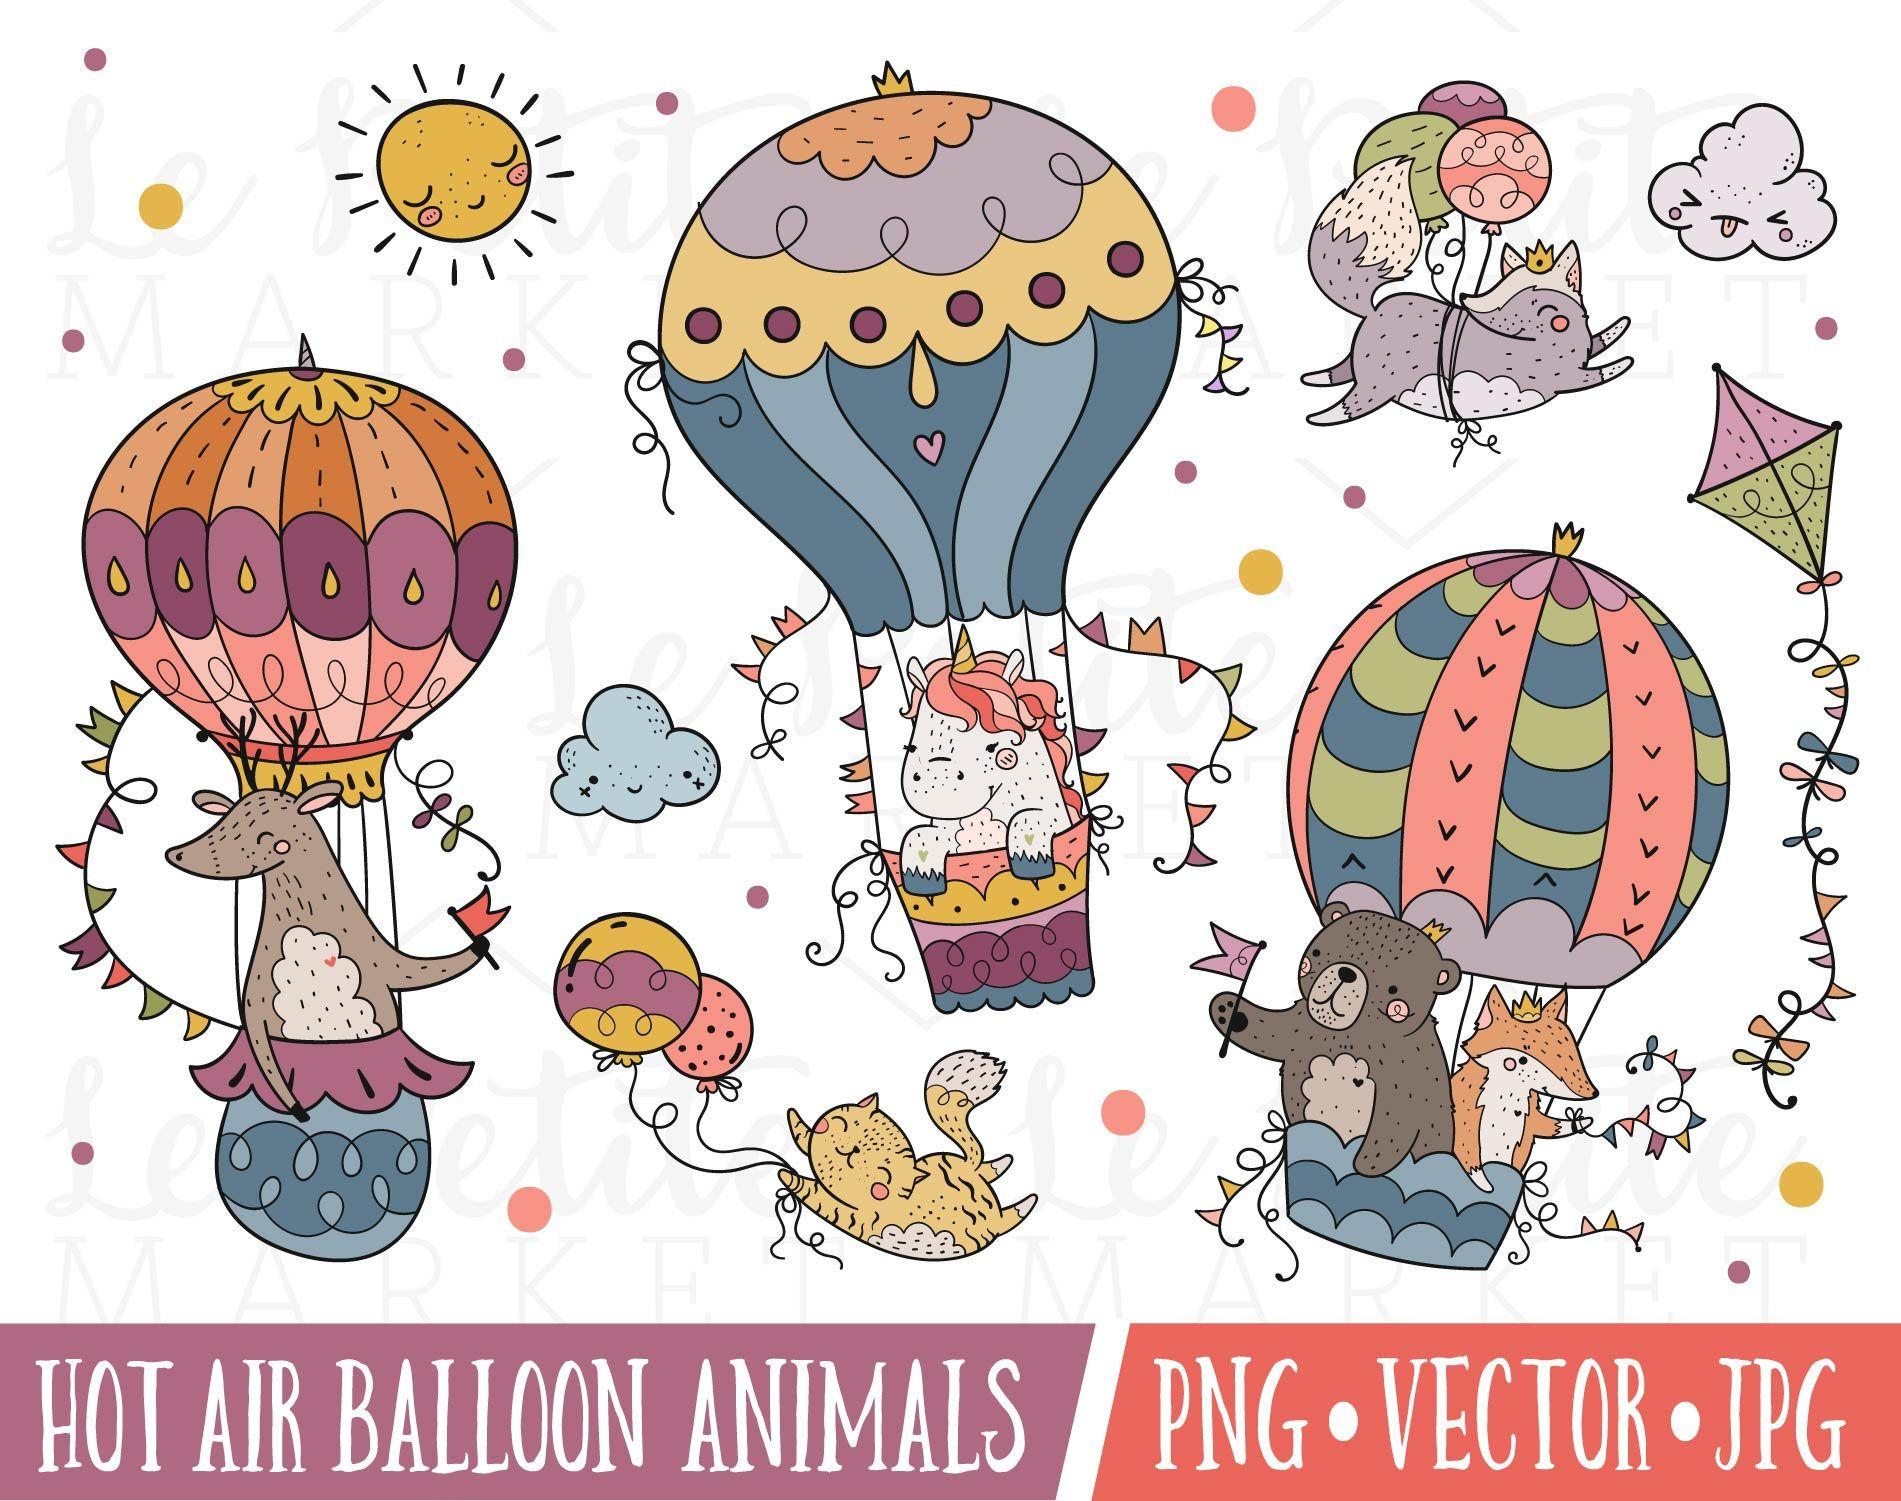 Hot Air Balloon Illustration Set Hot Air Balloon Animals Etsy In 2021 Balloon Illustration Hot Air Balloon Clipart Balloon Animals